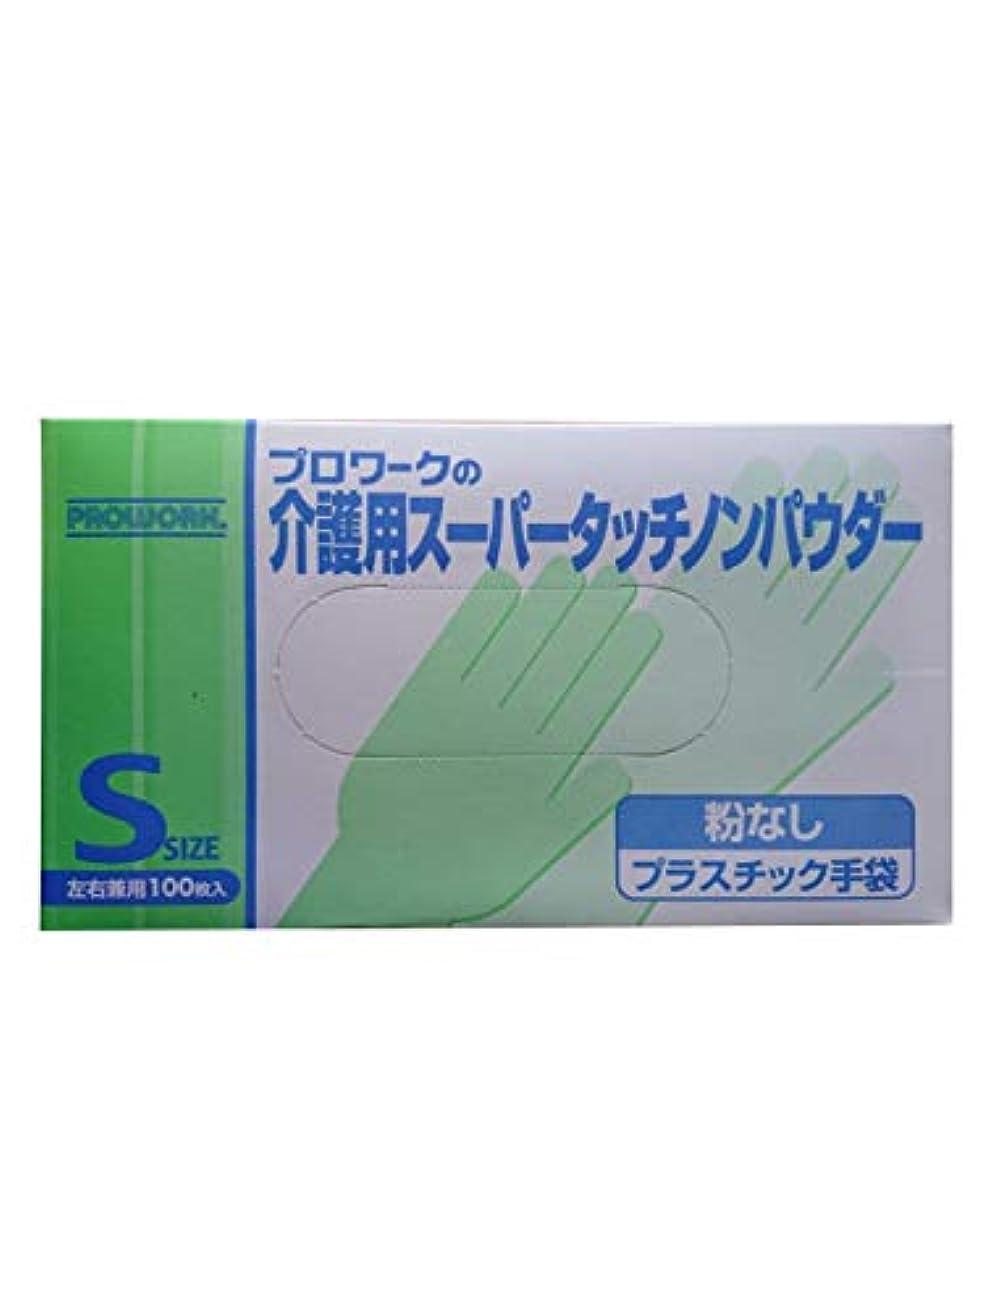 ほぼ宇宙長さ介護用スーパータッチノンパウダー プラスチック手袋 粉なし Sサイズ 左右兼用100枚入